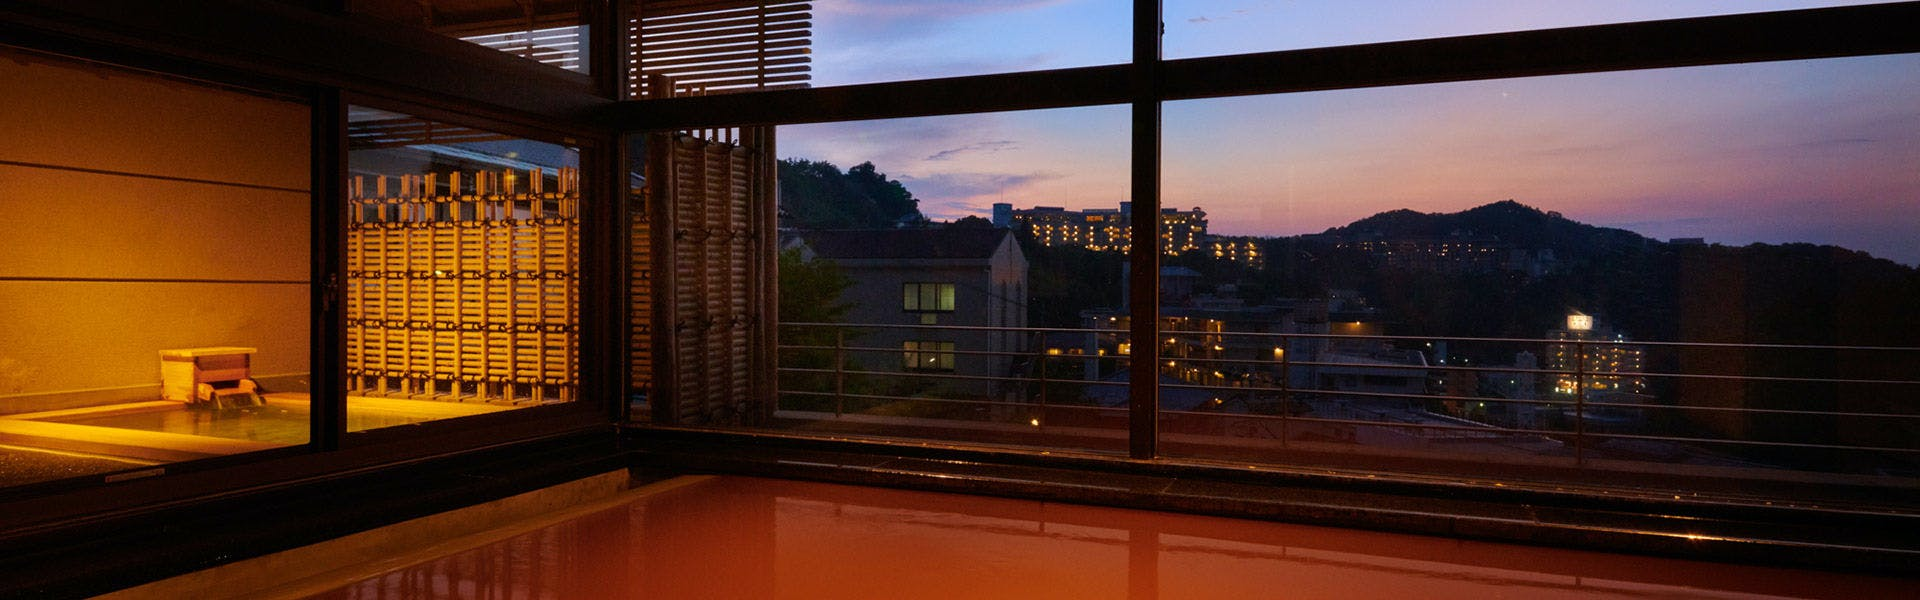 記念日におすすめのホテル・高山荘華野の写真1